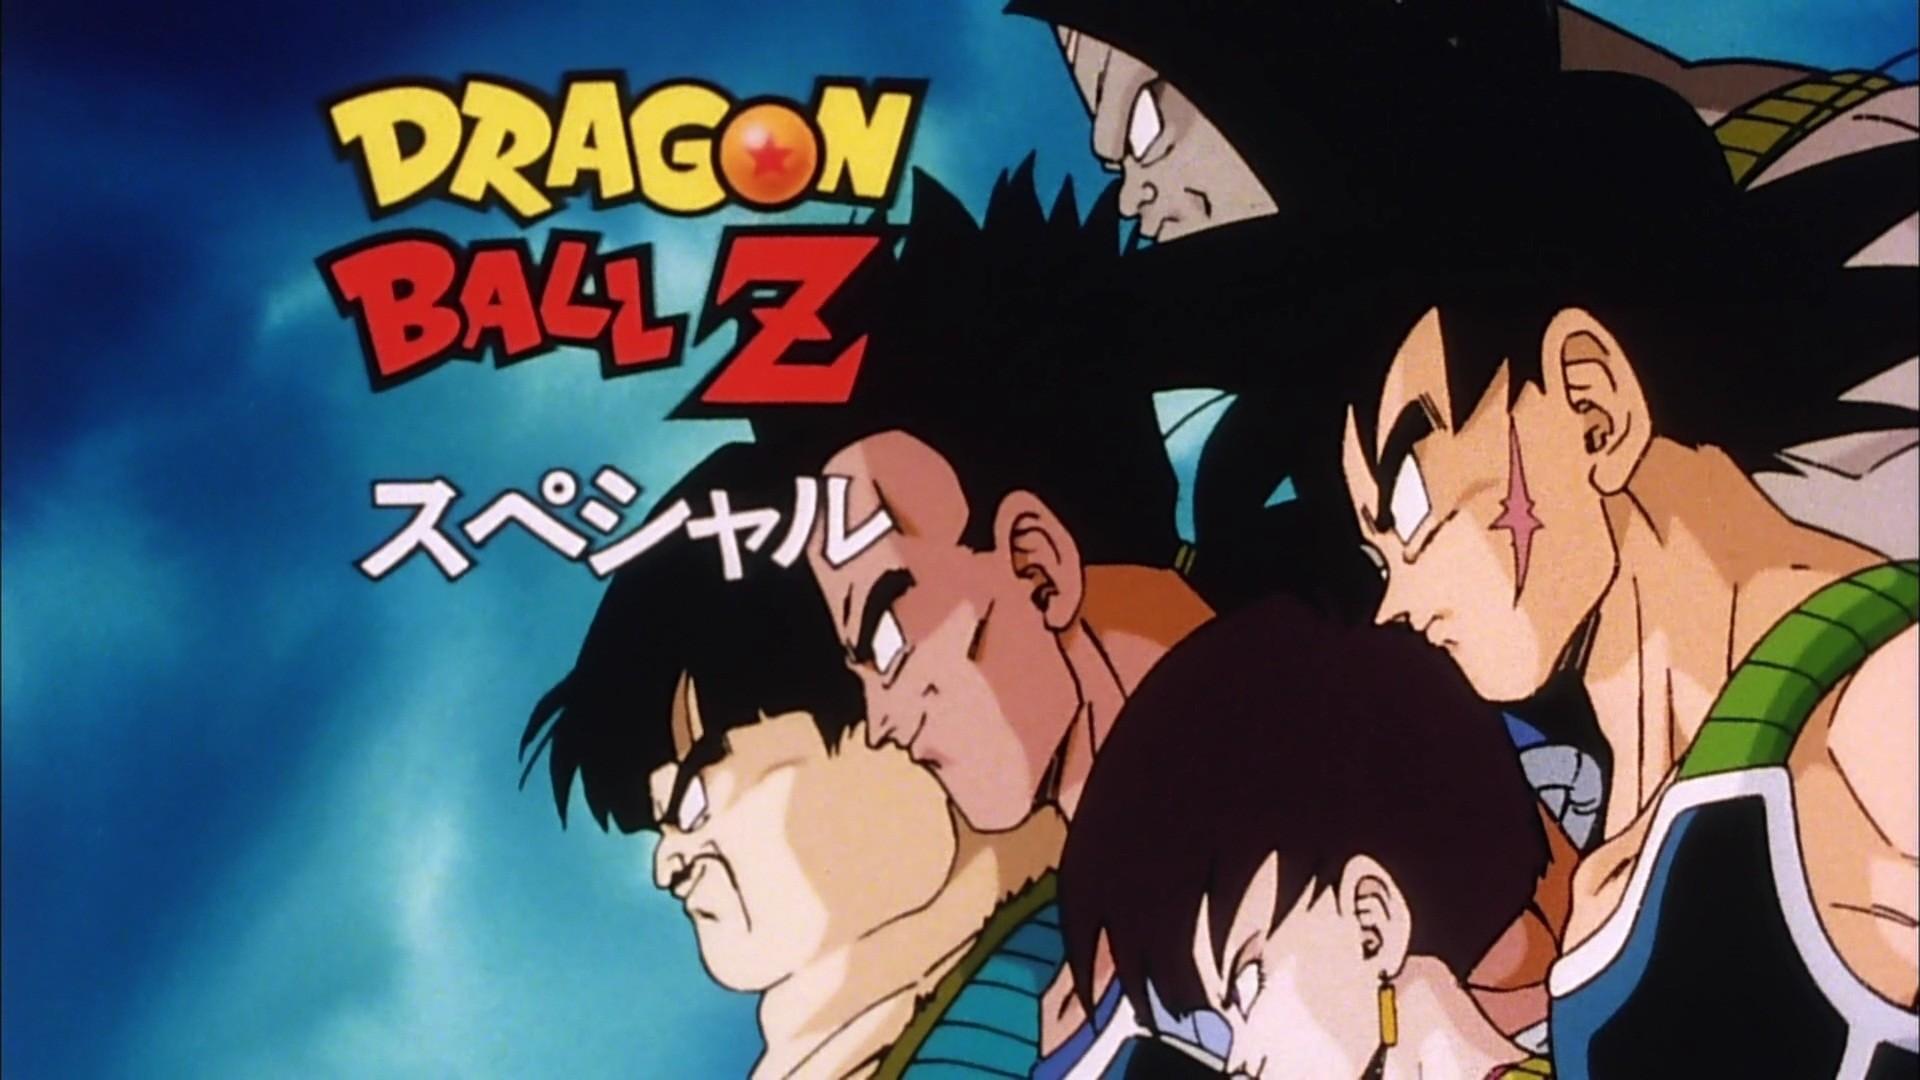 Dragon Ball Z Bardock the Father of Goku